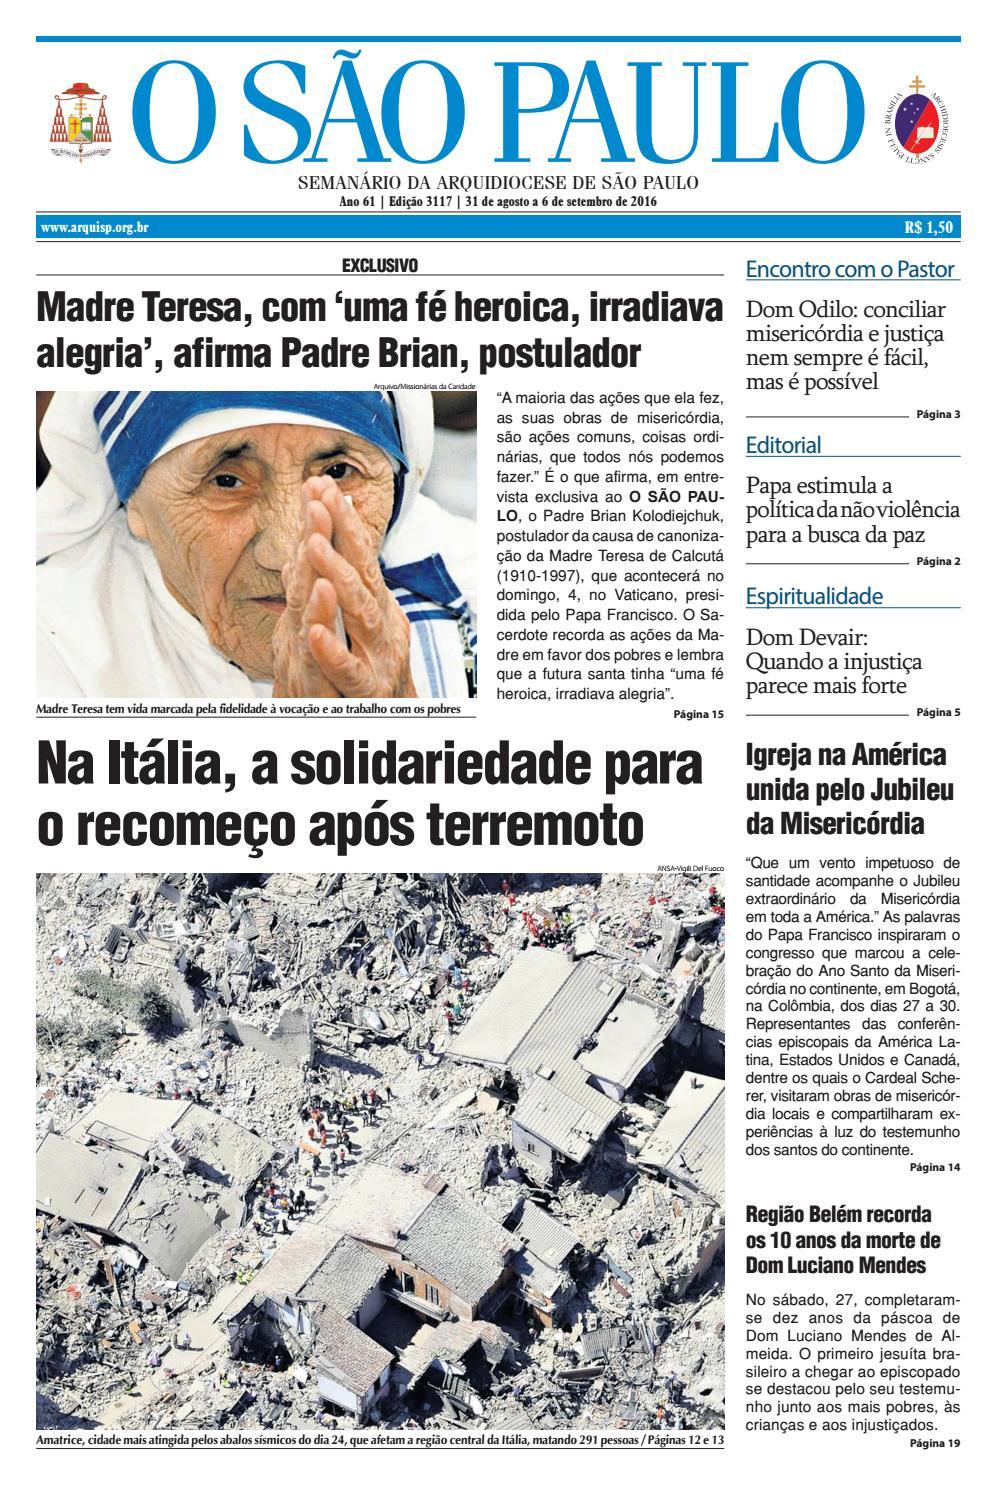 O SÃO PAULO - 3117 by jornal O SAO PAULO - issuu 221a73988e409